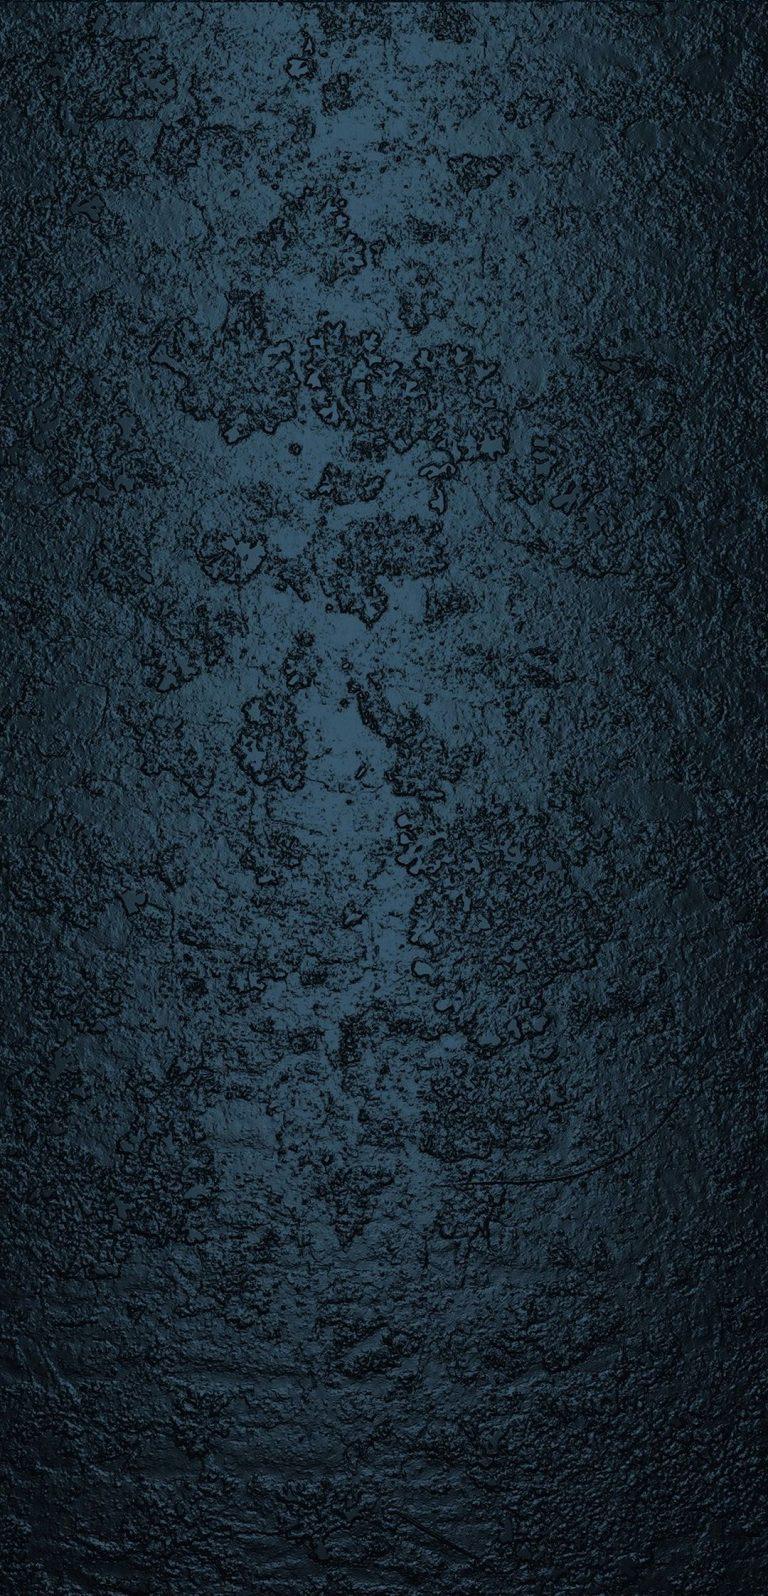 1080x2244 Wallpaper 080 768x1596